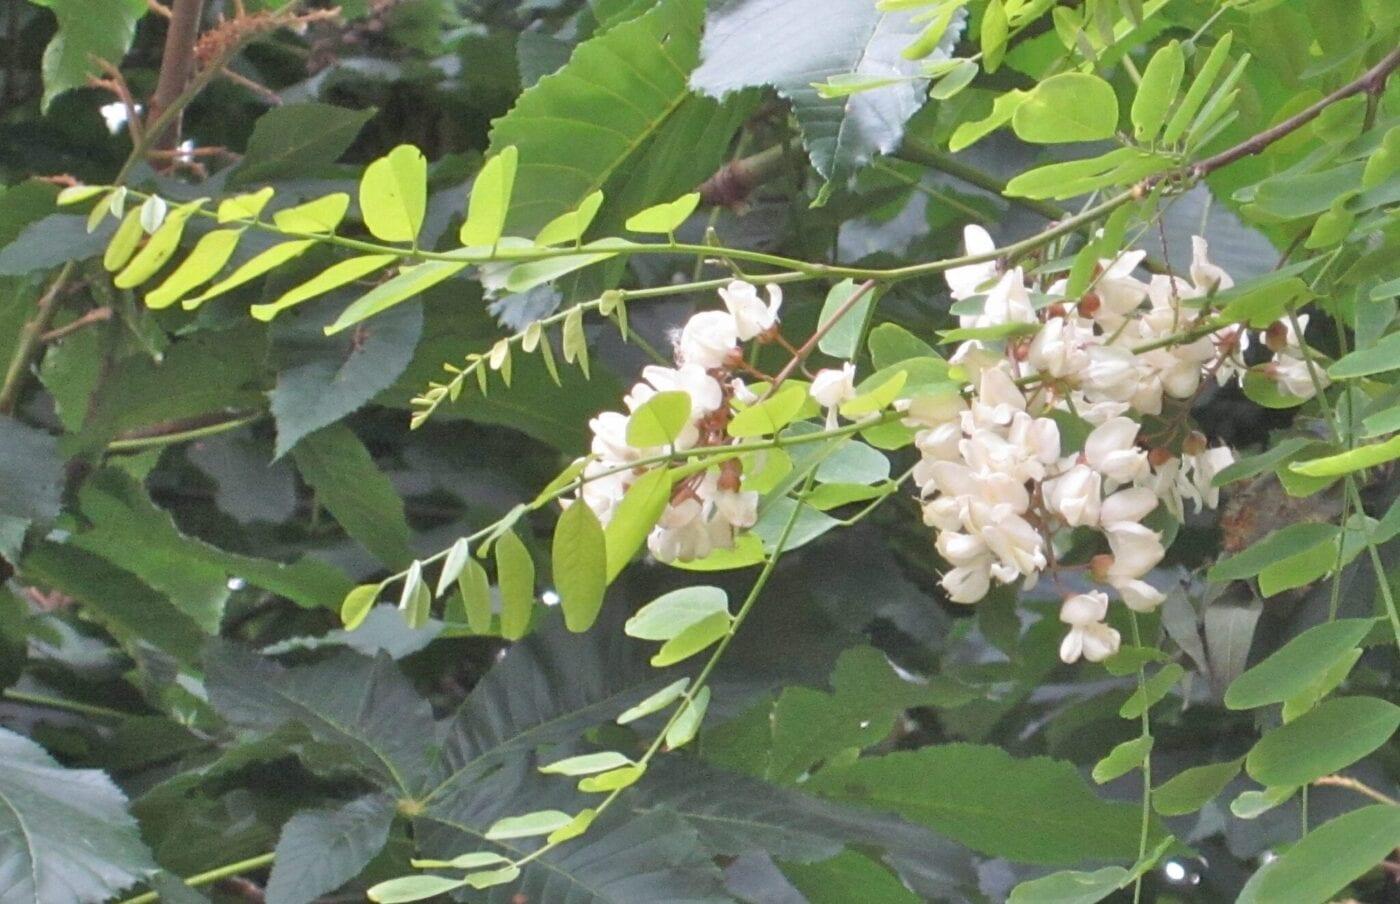 False Acacia flowers